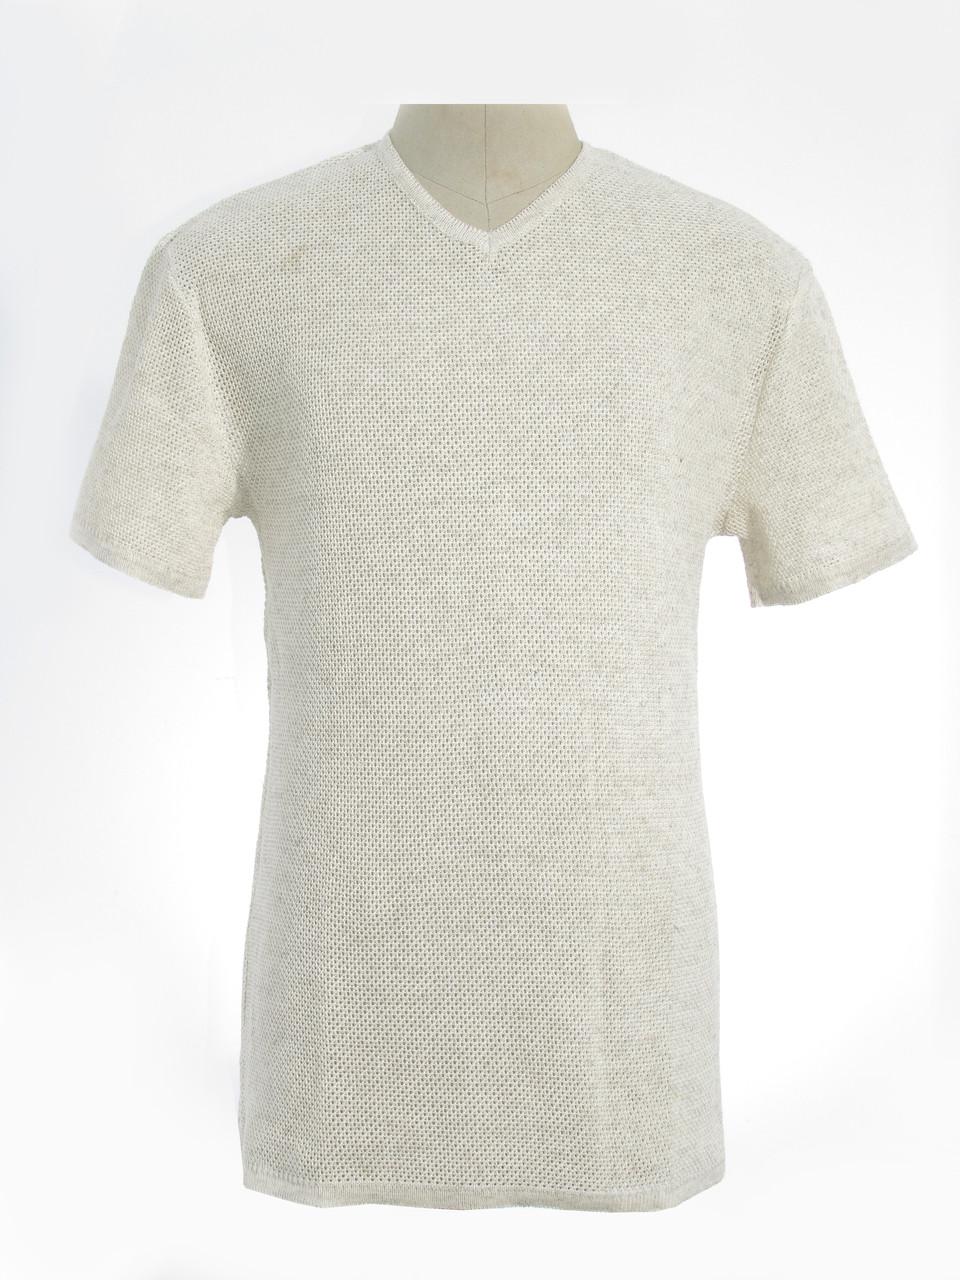 Мужская вязаная футболка 20309